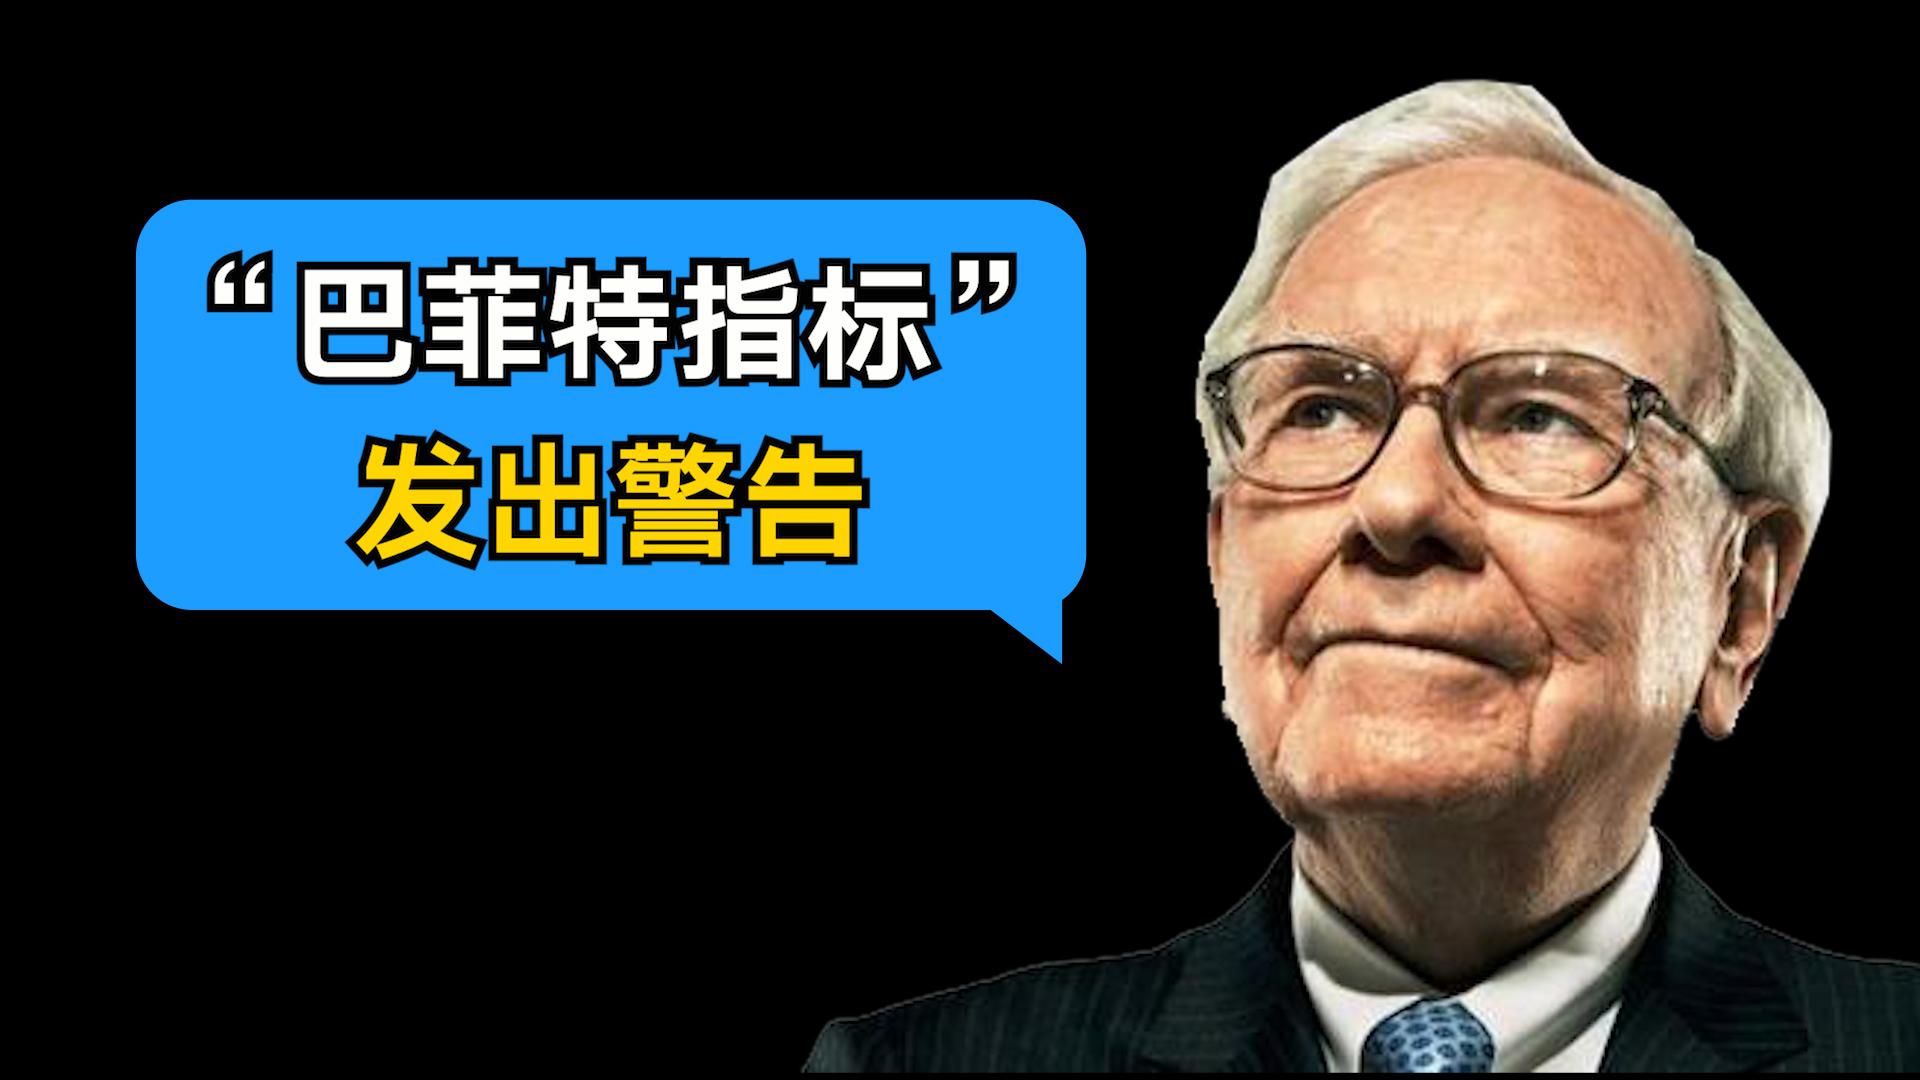 """""""巴菲特指标""""发出警告,全球抛售潮又来了?"""